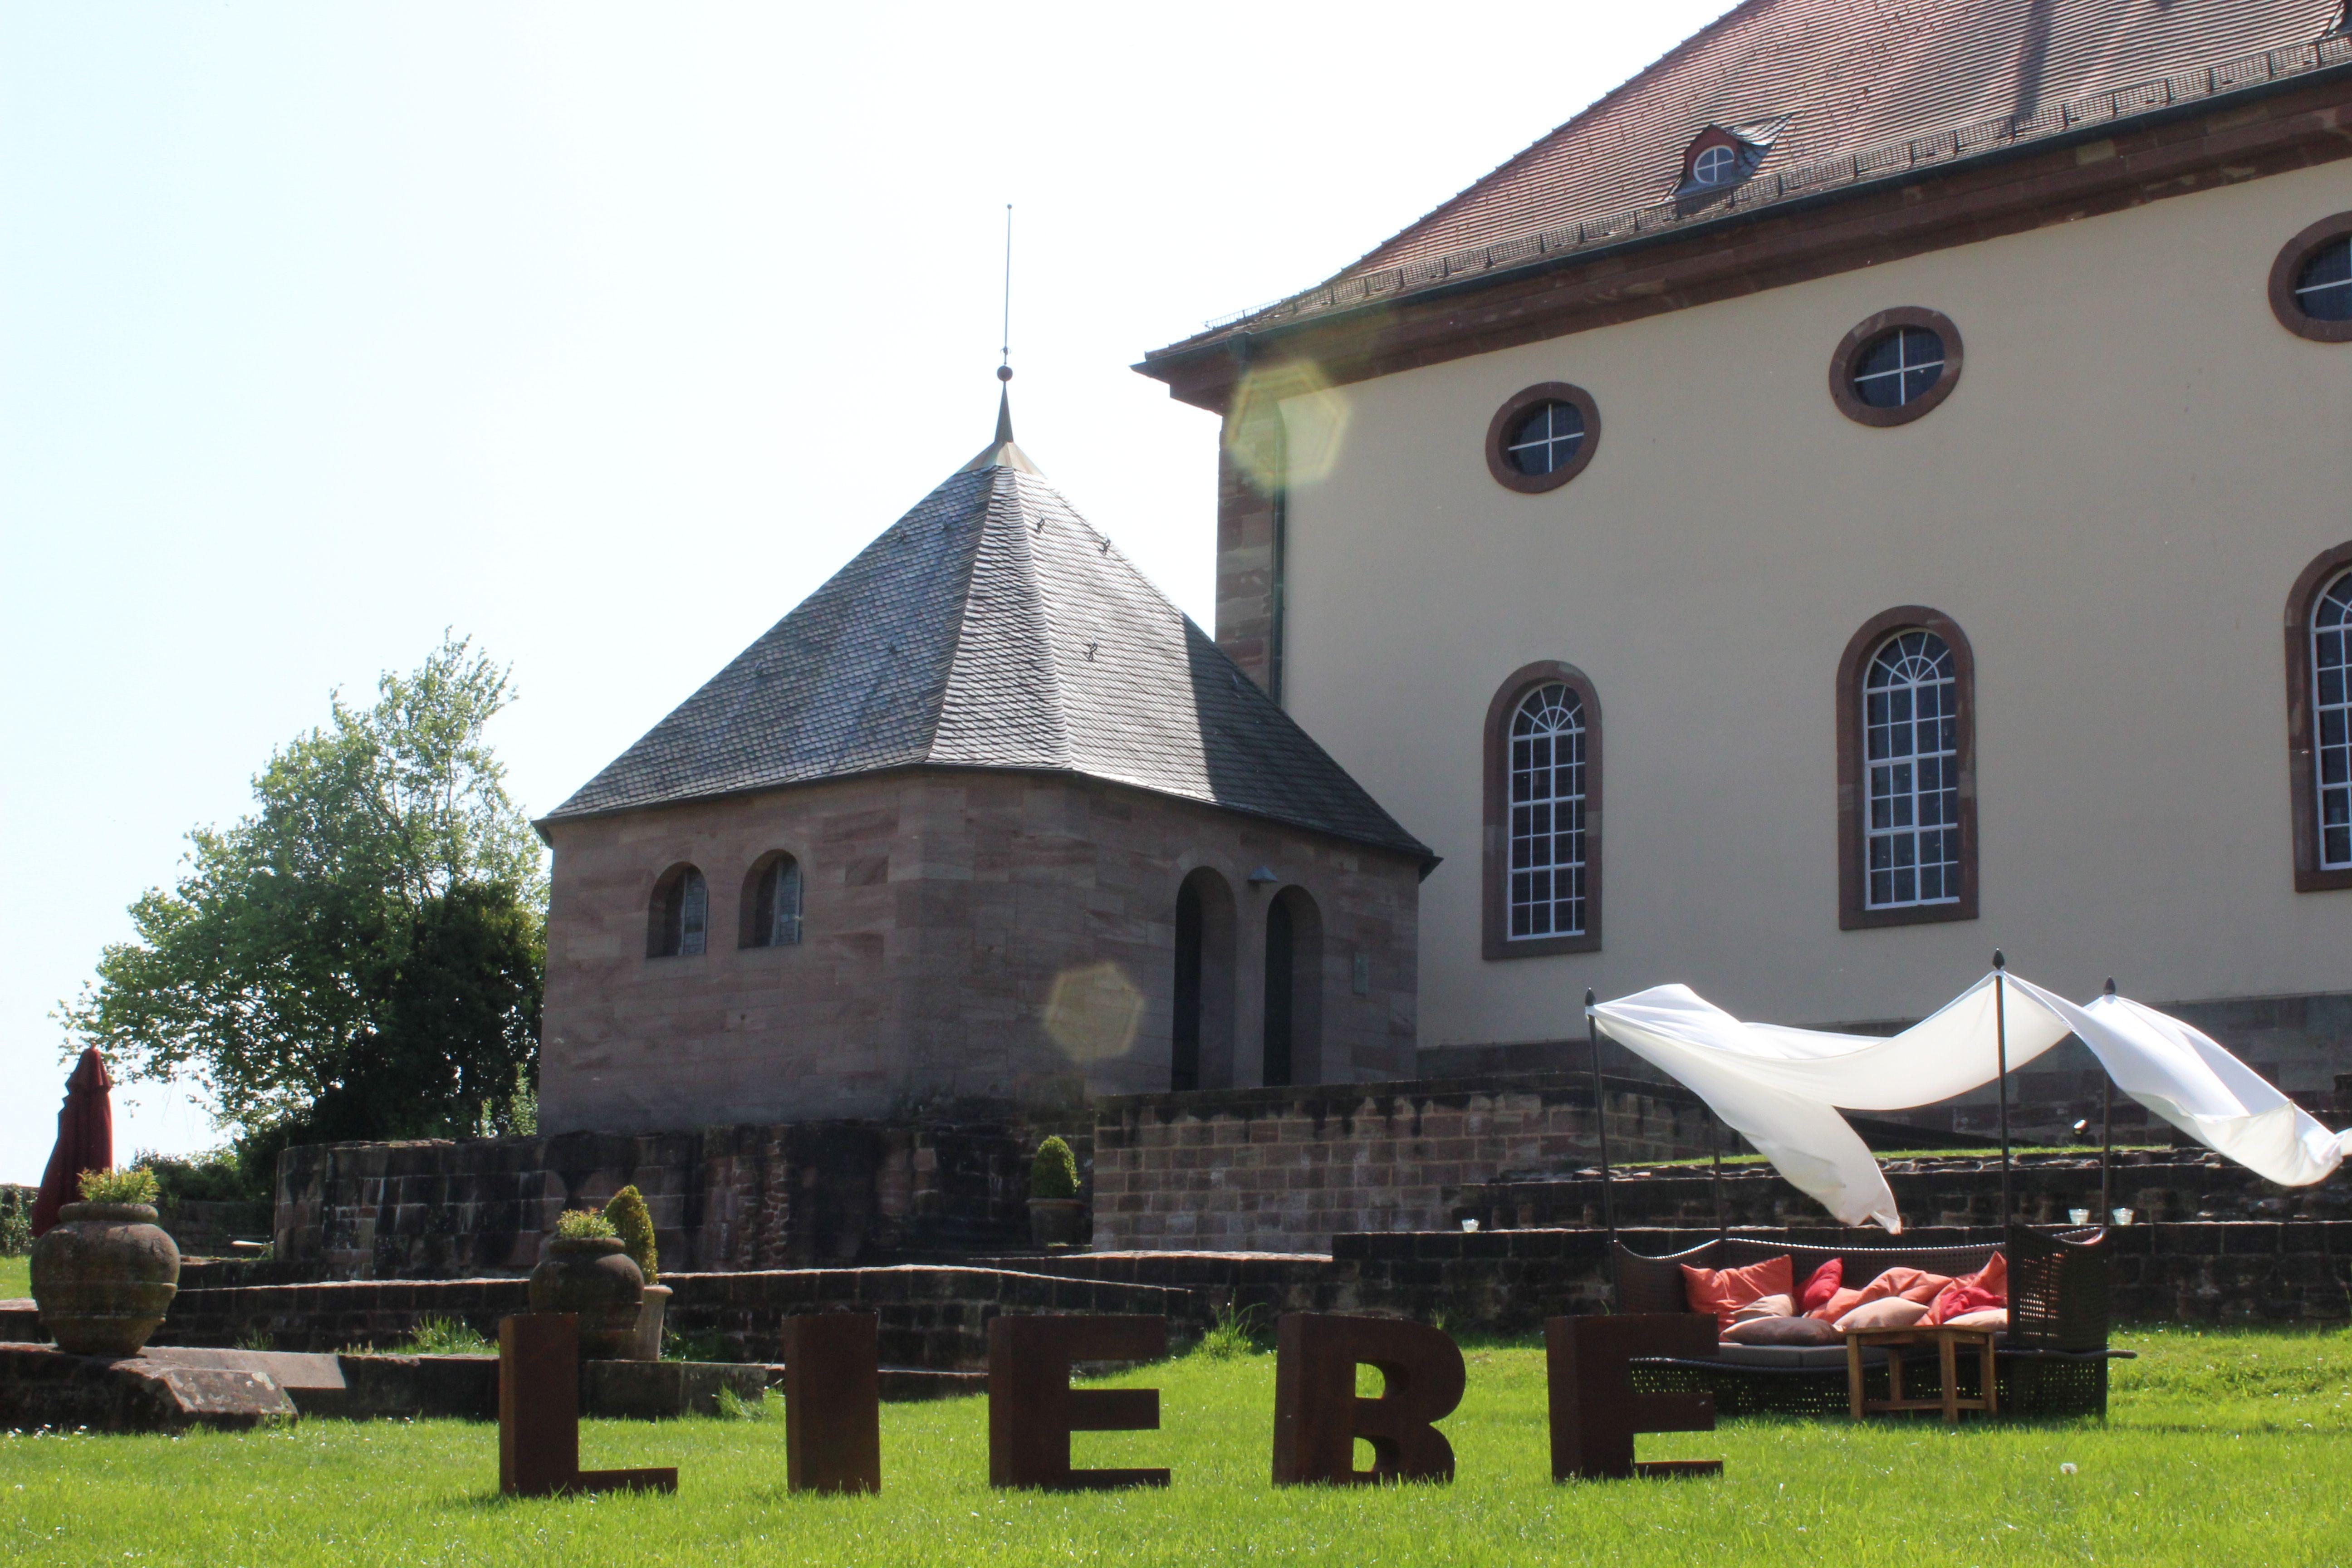 Liebe Sommer Sonne Love Hotel Heiraten Feiern Urlaub Erholung Garten Geniessen Reisen Pfalz Sudwestpfalz Klost Hotels In Der Pfalz Kloster Pfalz